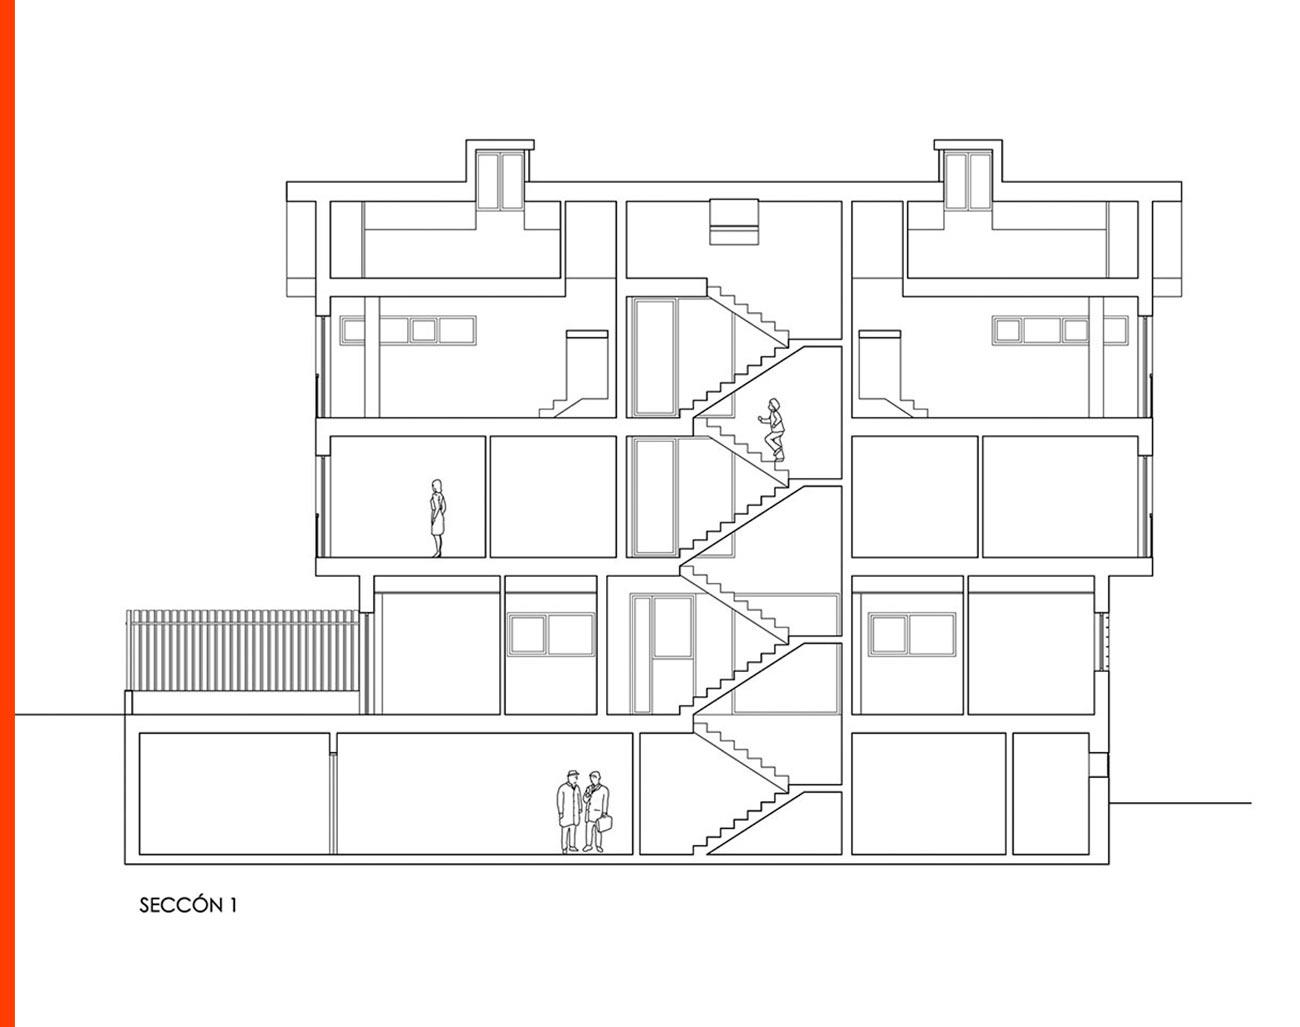 7 Viviendas, garajes y trasteros en calle Santo Cristo (León)